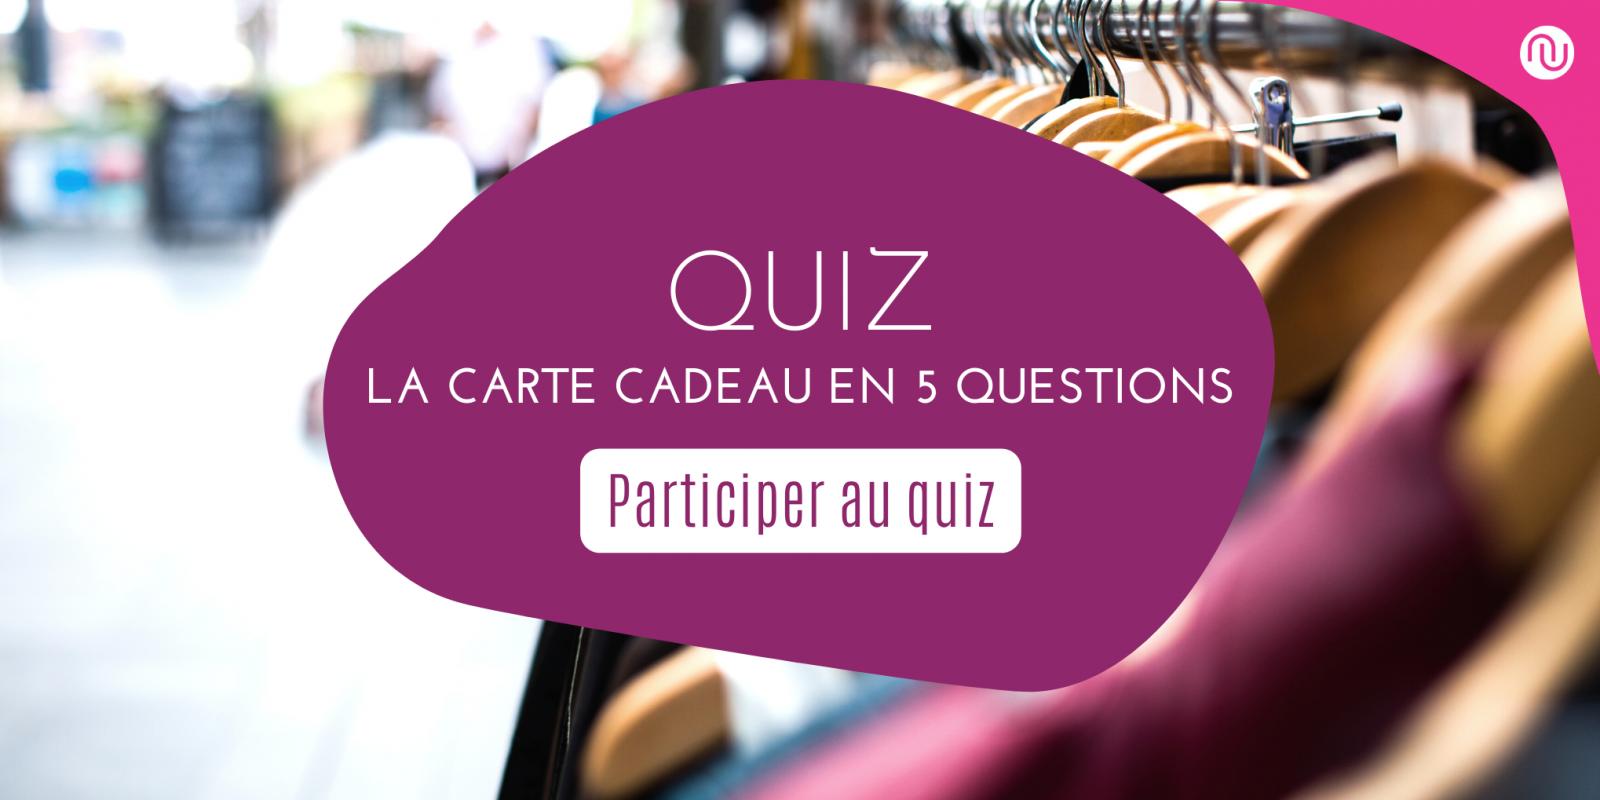 Participez au quiz : La carte cadeau en 5 questions